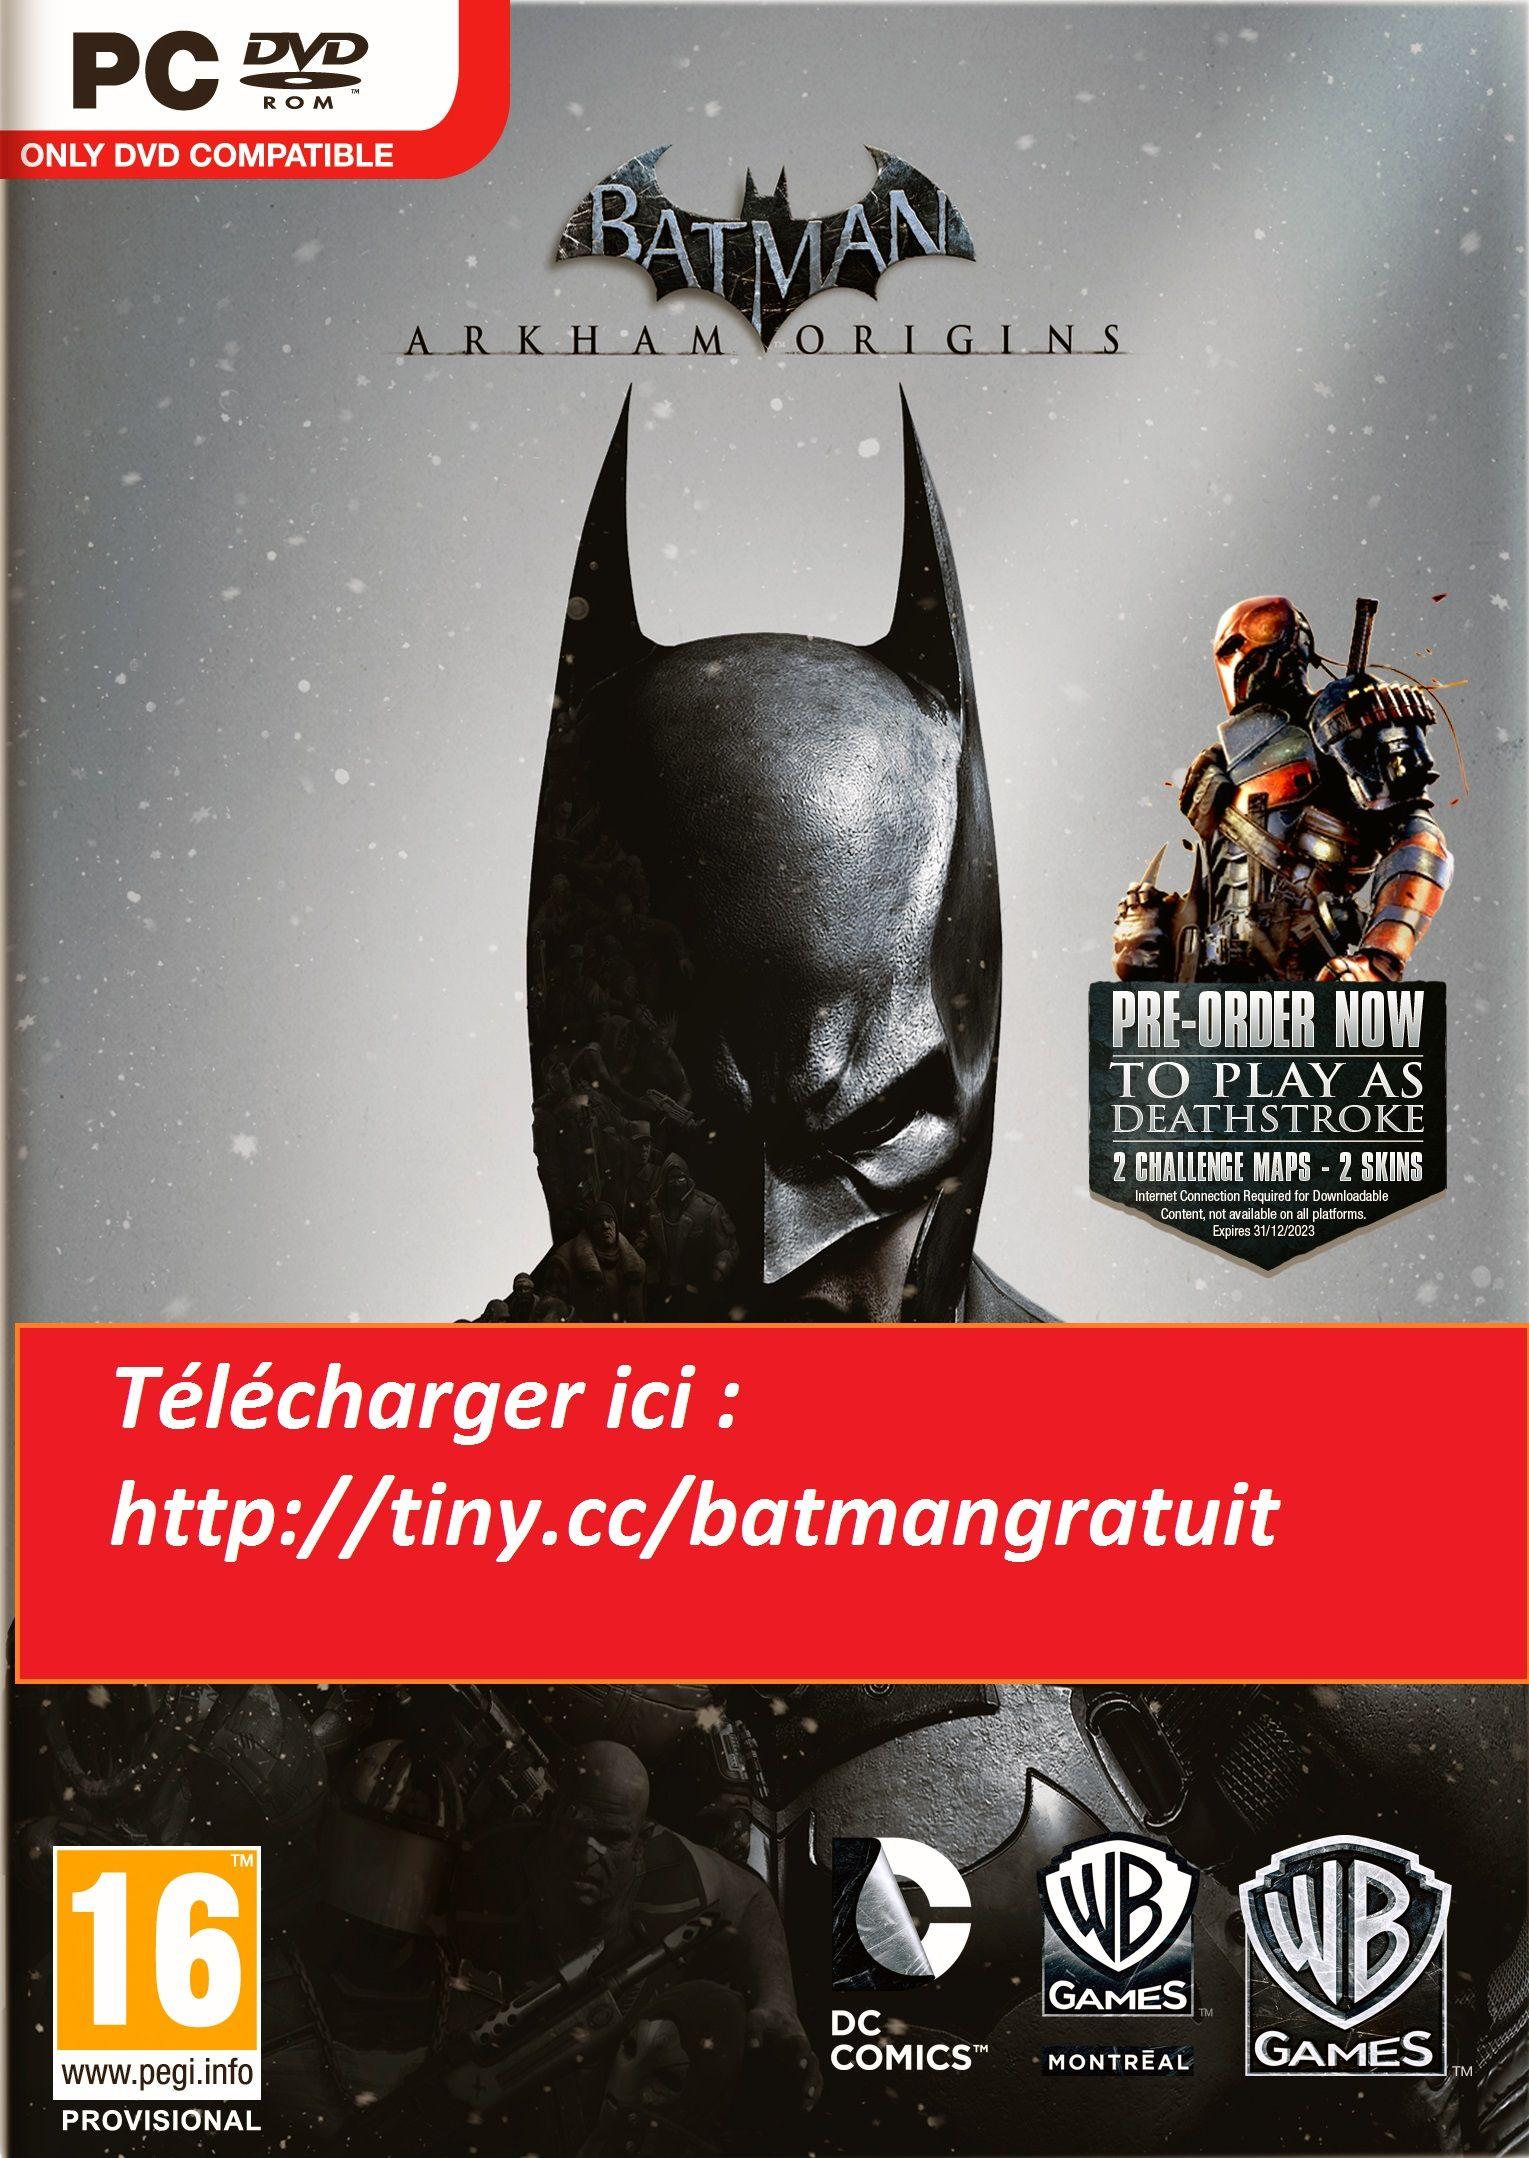 tlcharger batman arkham origins gratuit complet pc ps3 et xbox 360 - Batman Gratuit